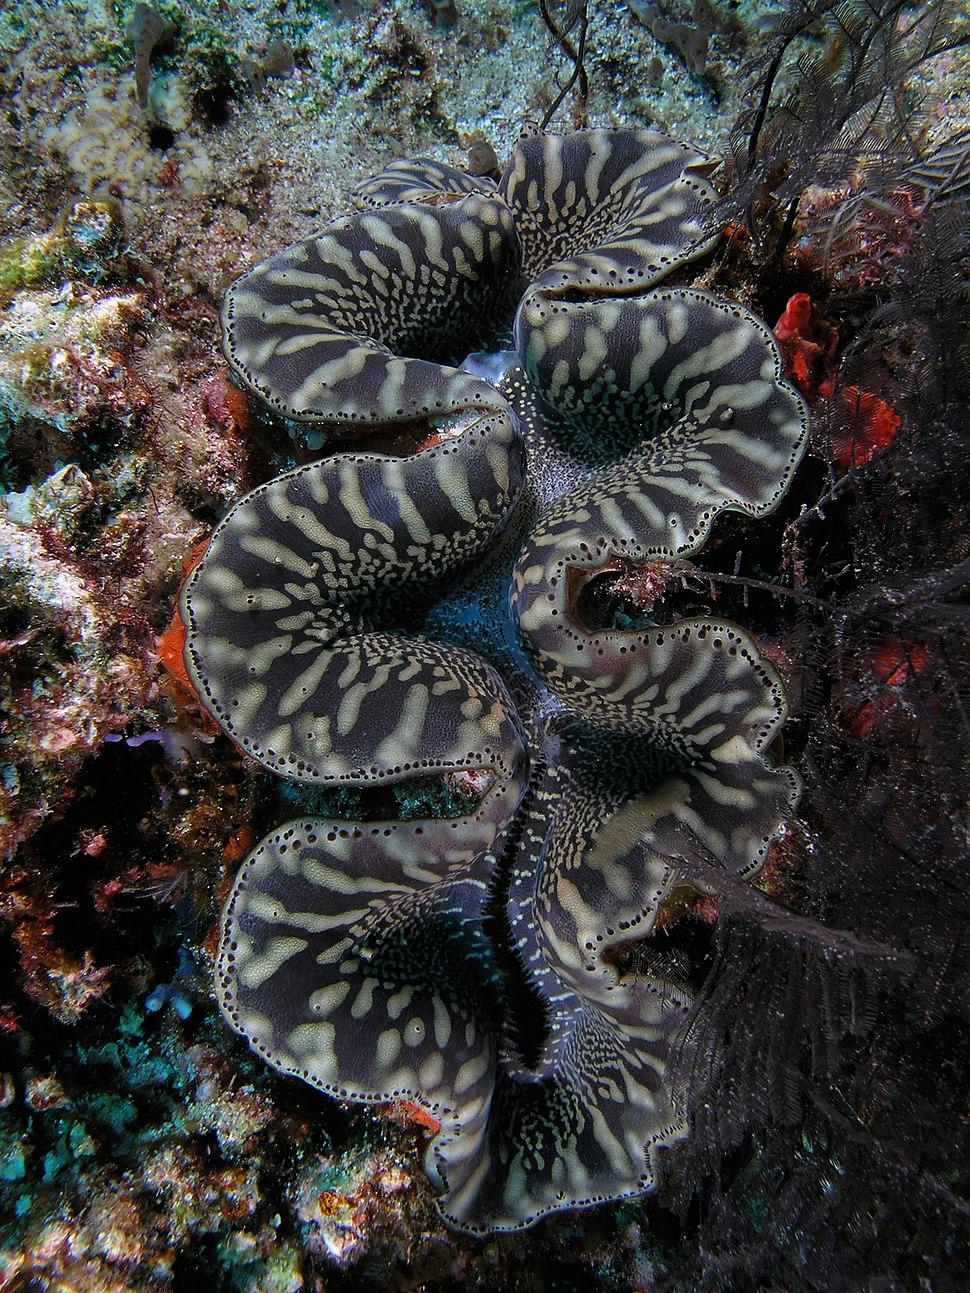 Giant clam black&white komodo